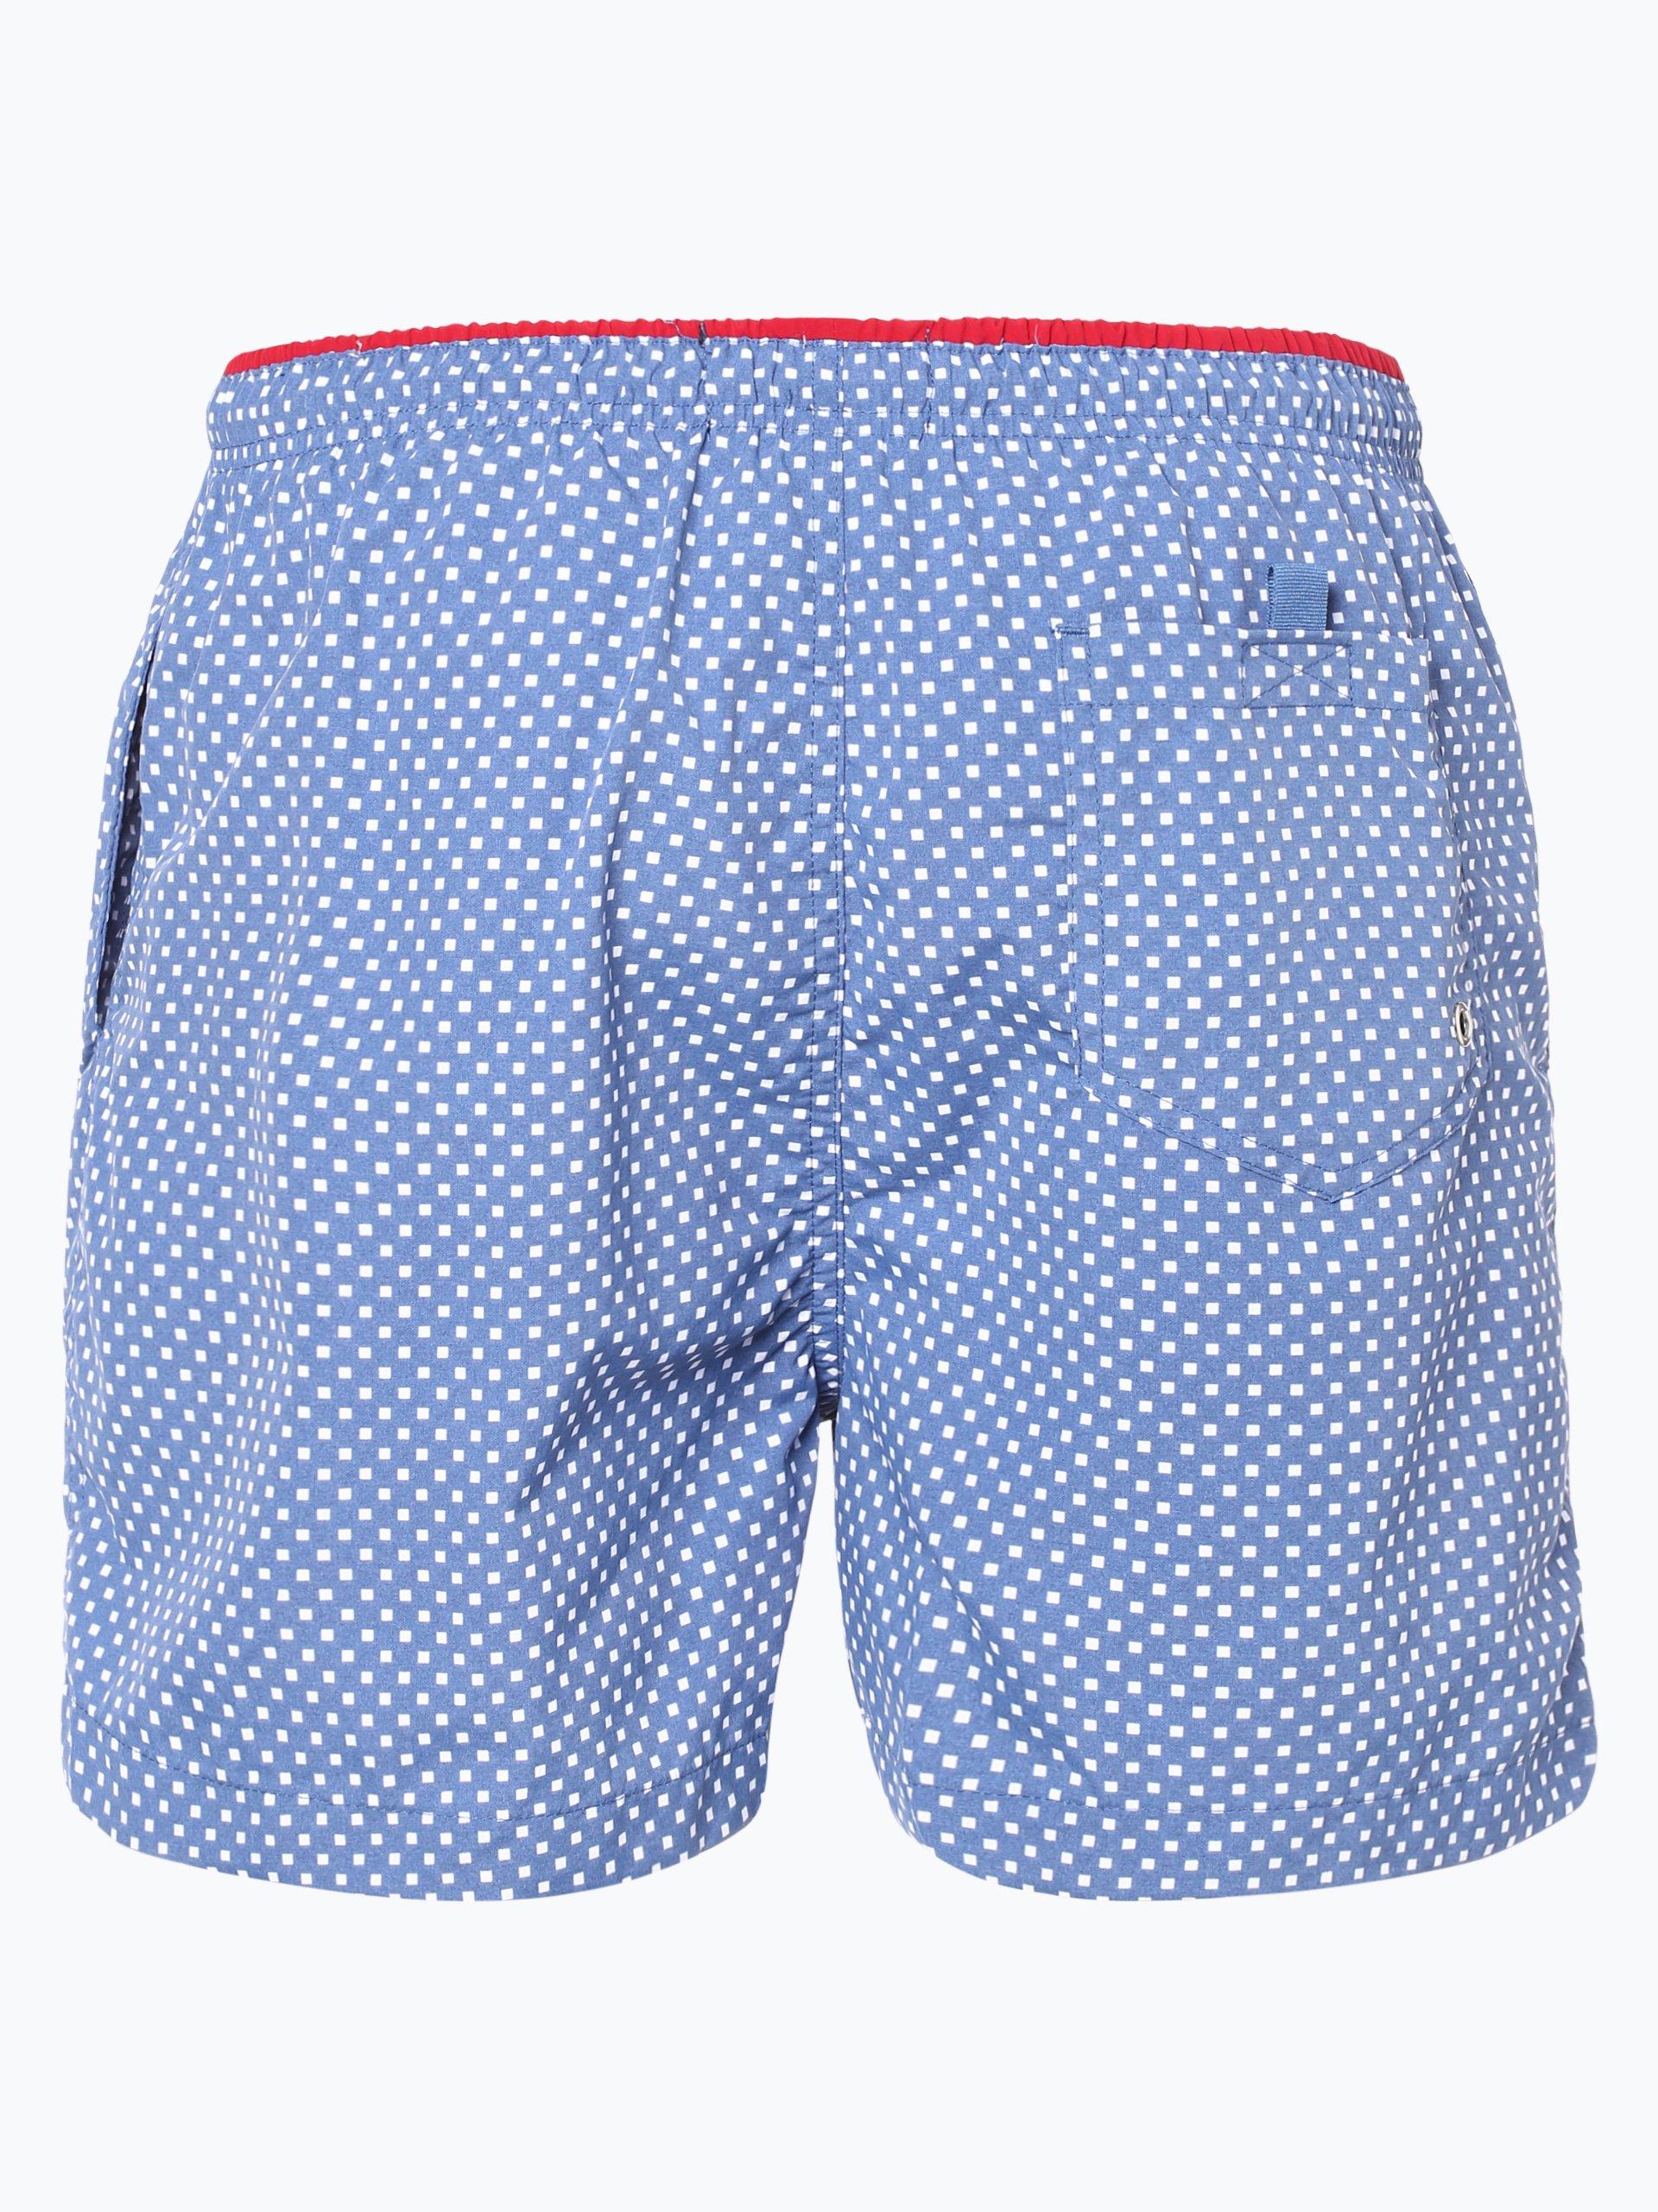 Ocean Cup Herren Badeshorts